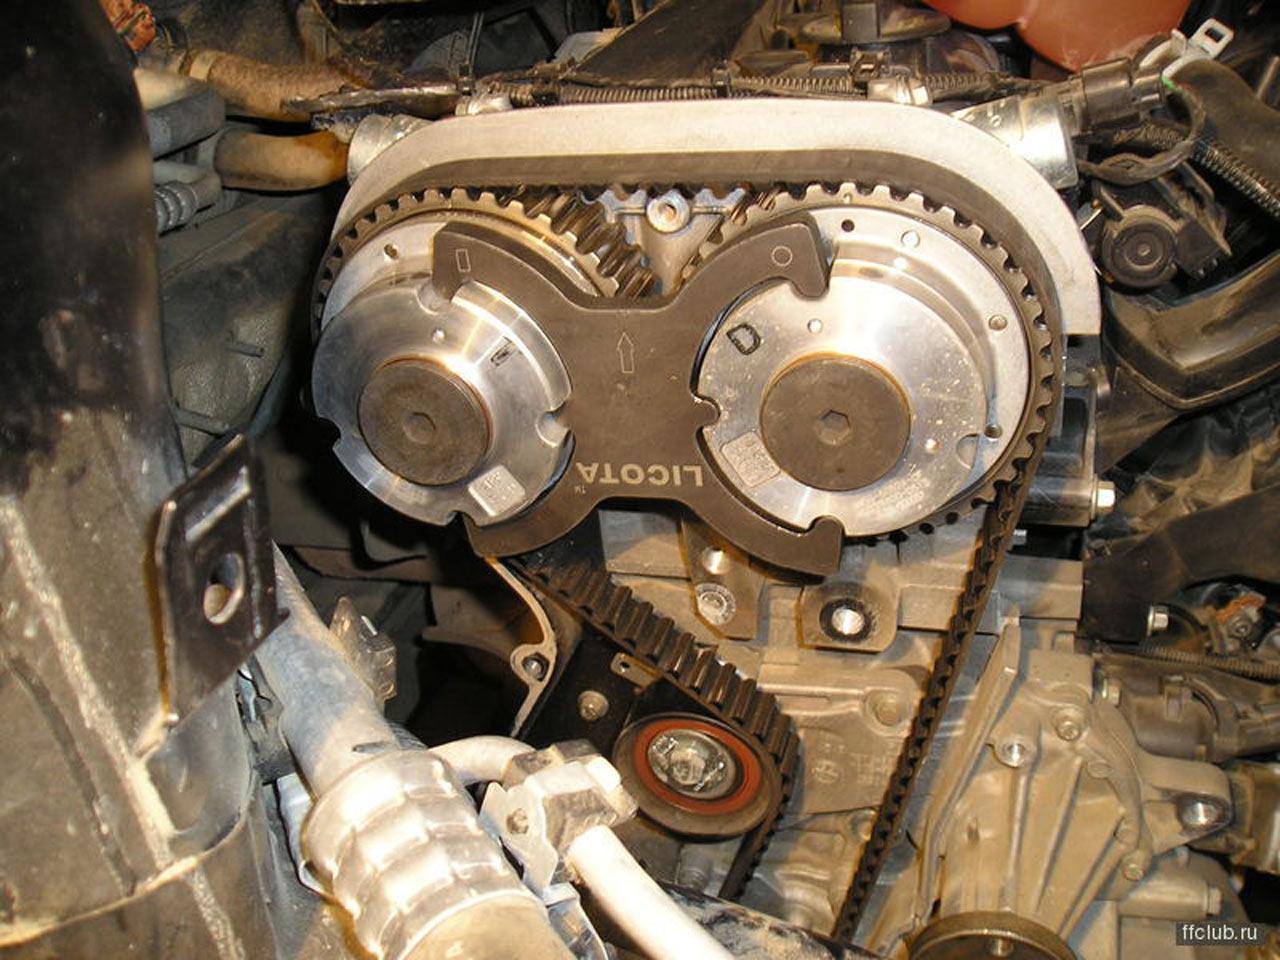 Как заменить передний сальник коленвала двигателя рокам 1 6 форд фокус 1 6 фотография